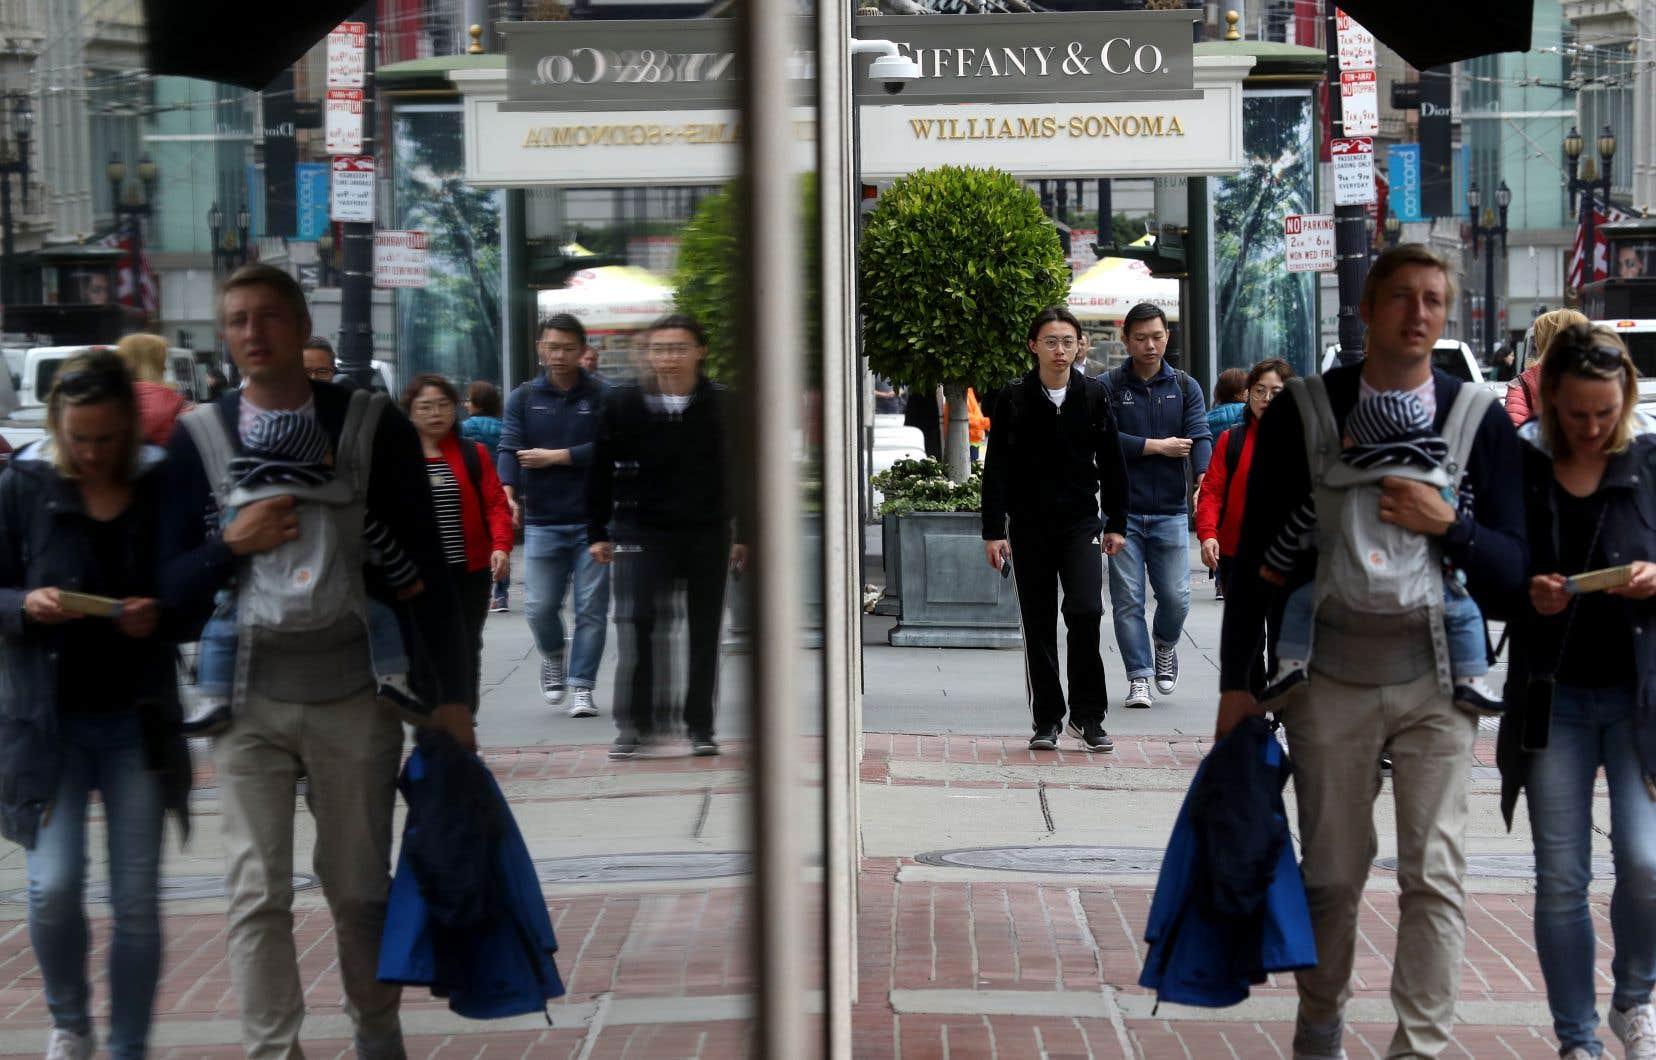 San Francisco est récemment devenue la première ville américaine à interdire la technologie de reconnaissance faciale pour la police et la municipalité.